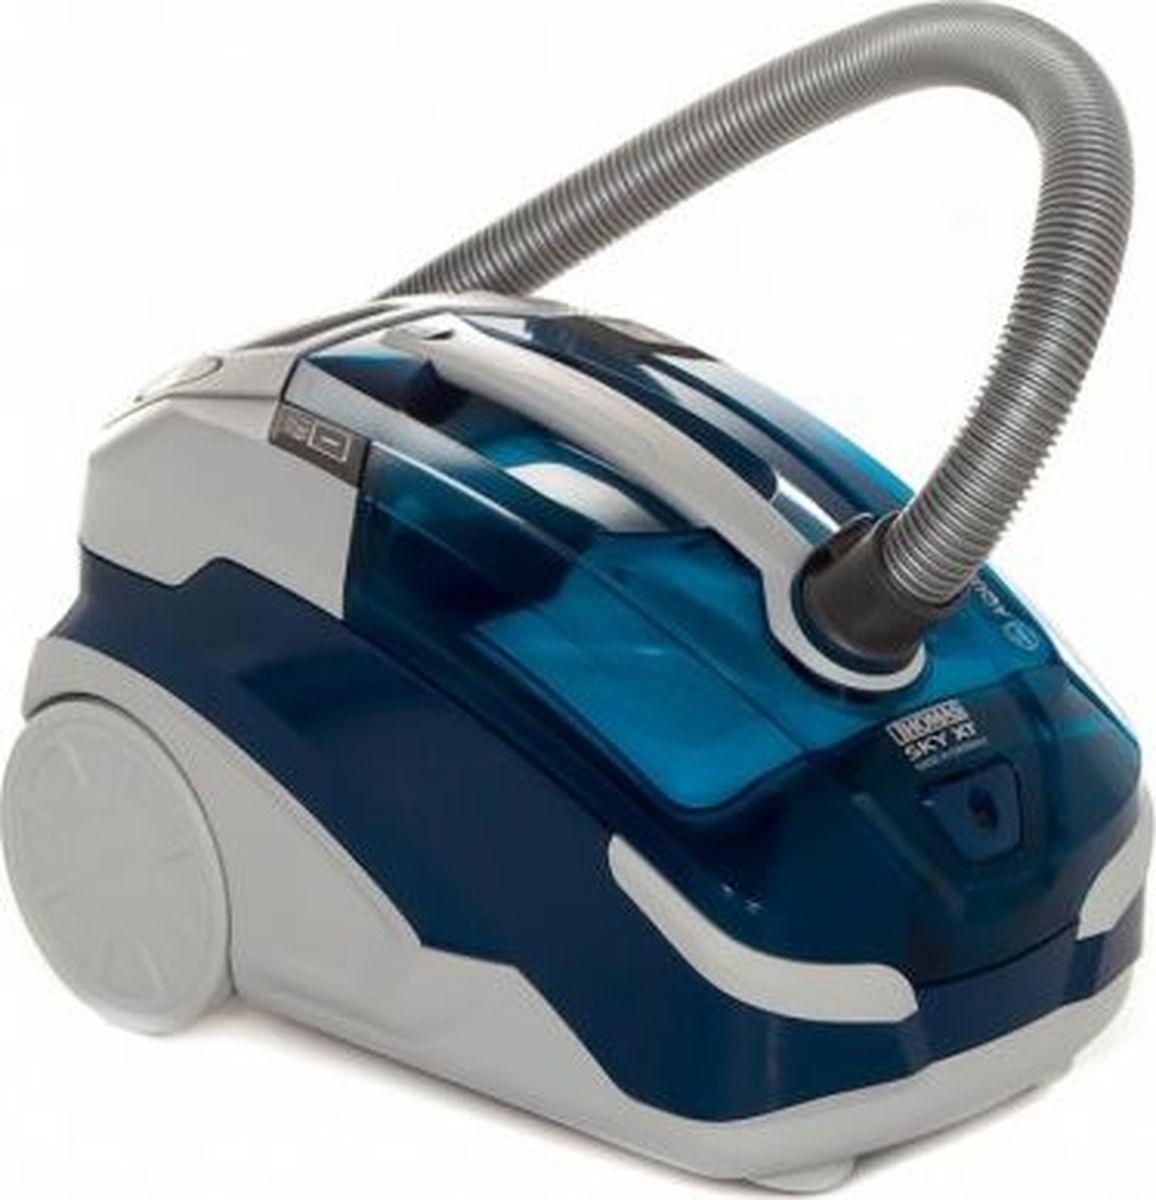 Моющий пылесос для паркета и ламината: thomas ( томас) - с аквафильтром aqua box - низкая цена, характеристики, отзывы, фото